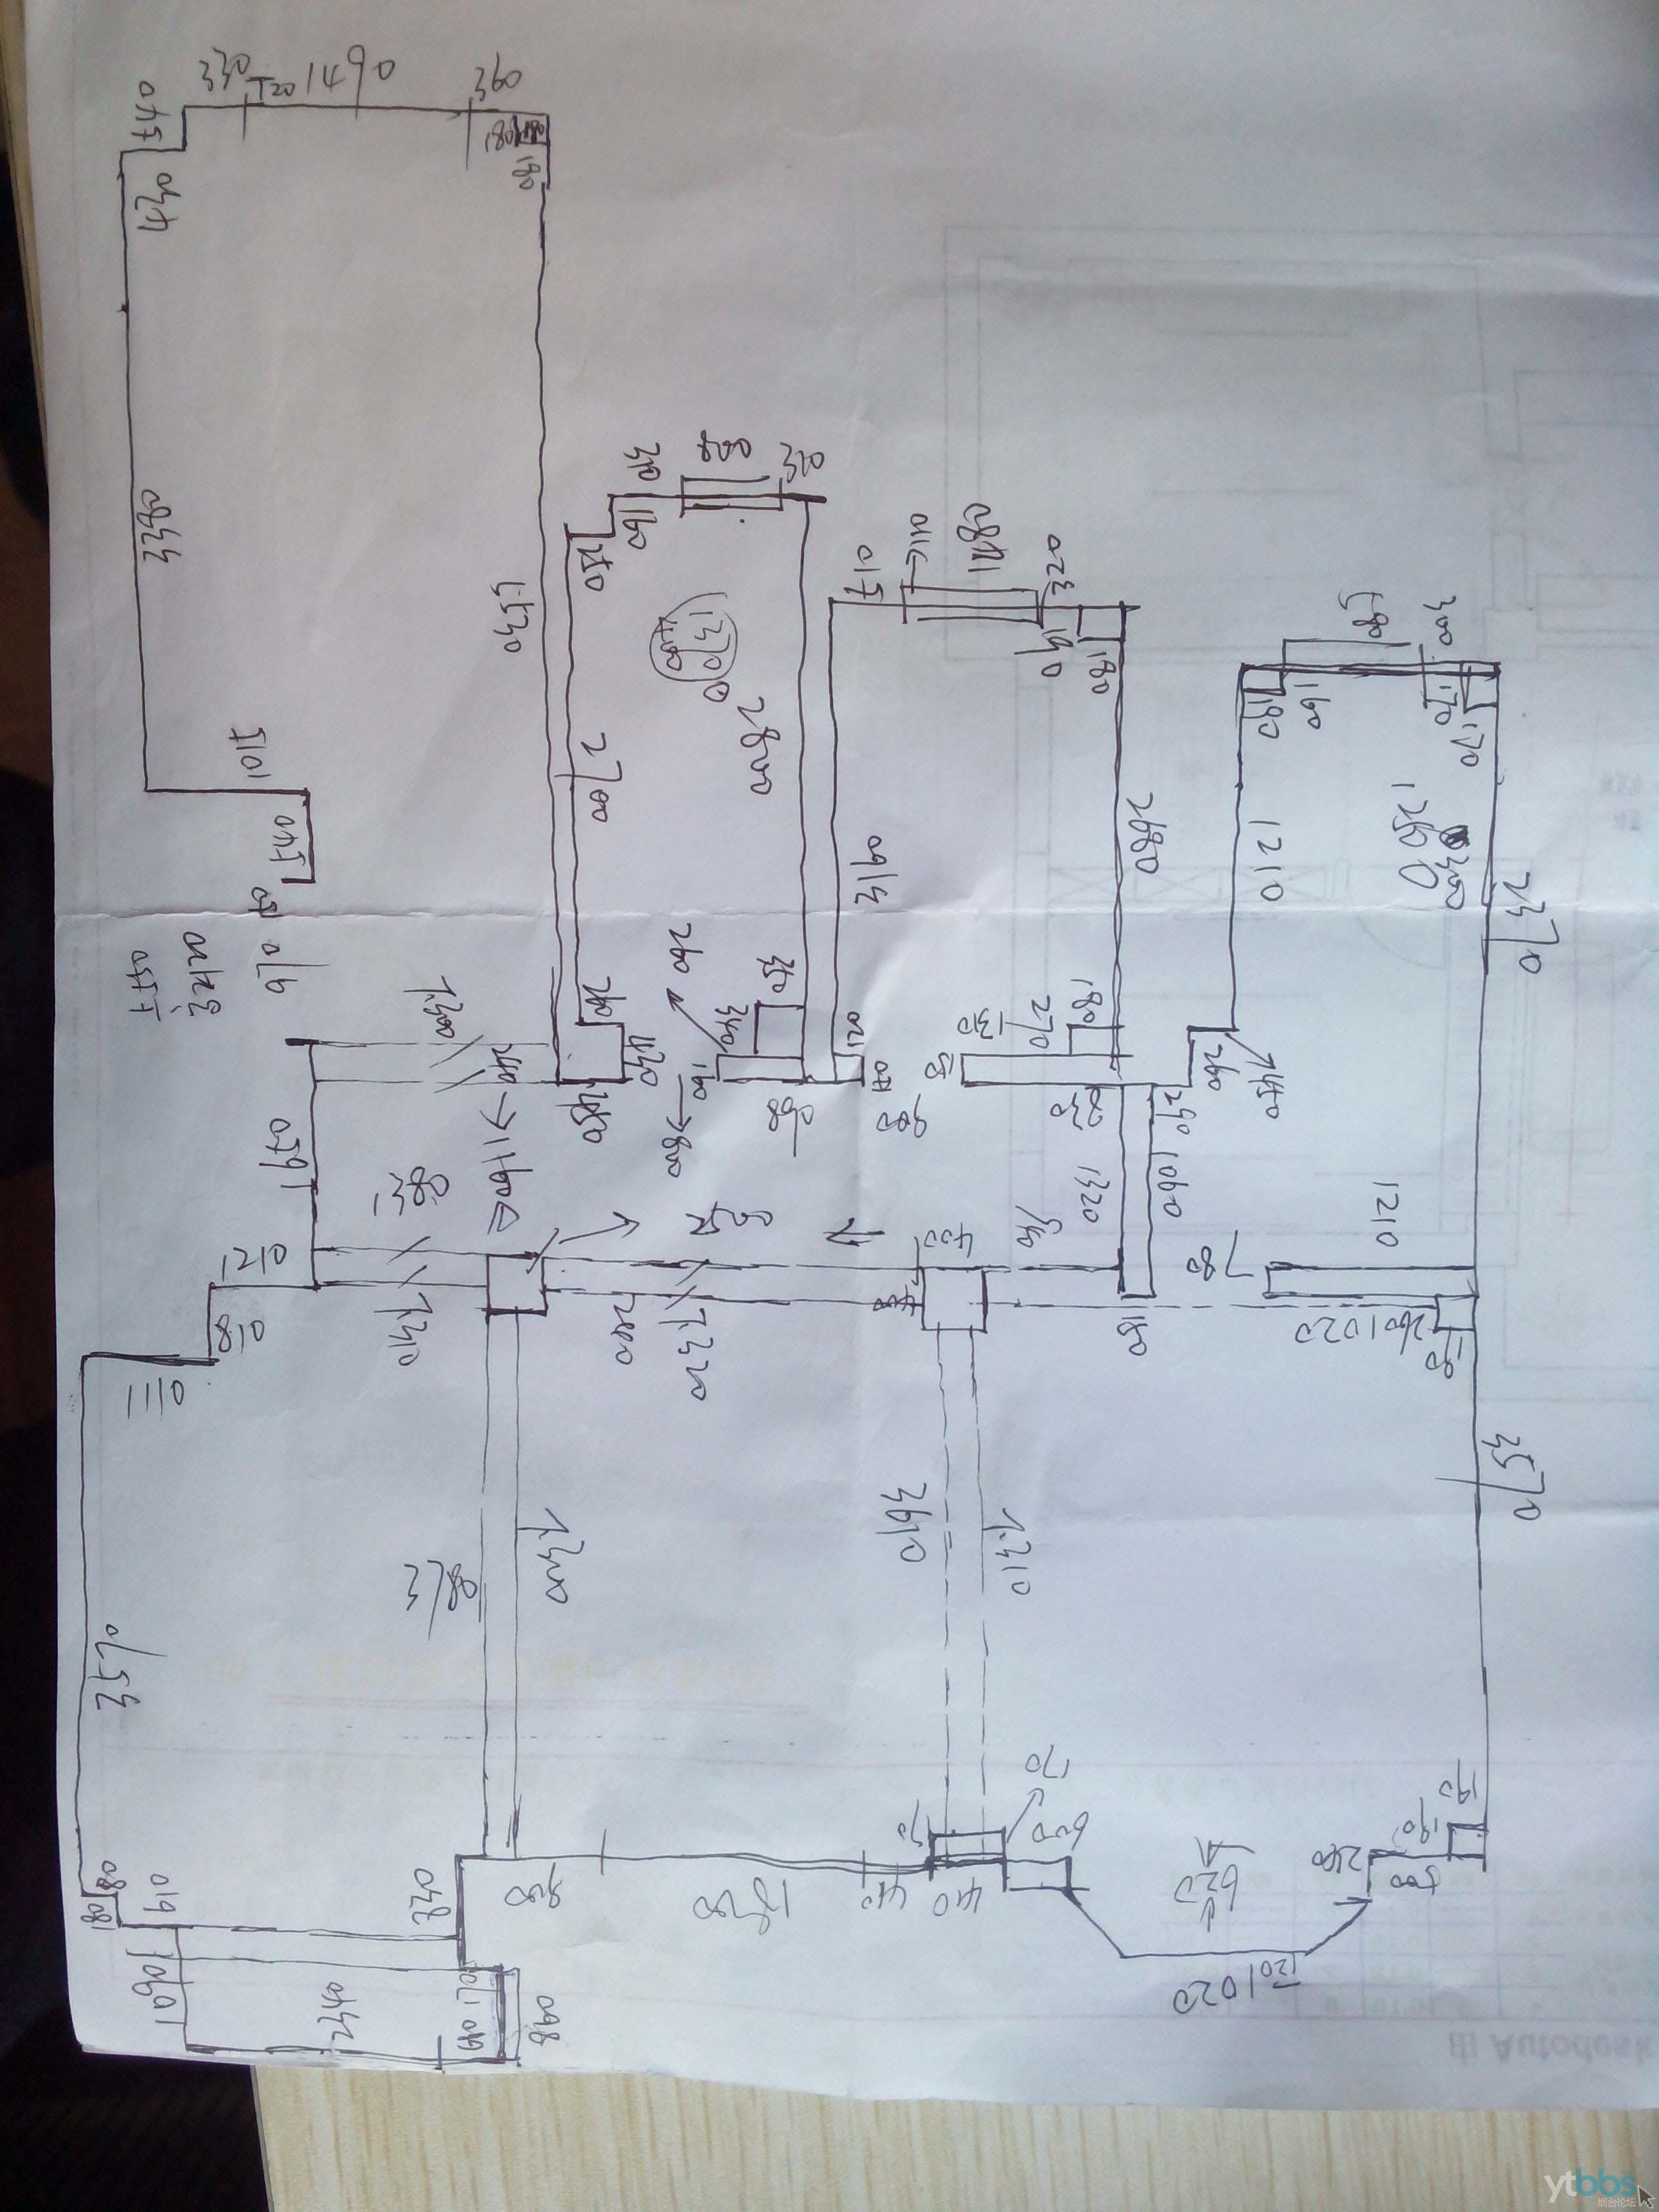 房间的详细尺寸,门窗洞口尺寸,台面宽度,卫生间上下水位置尺寸,马桶坑